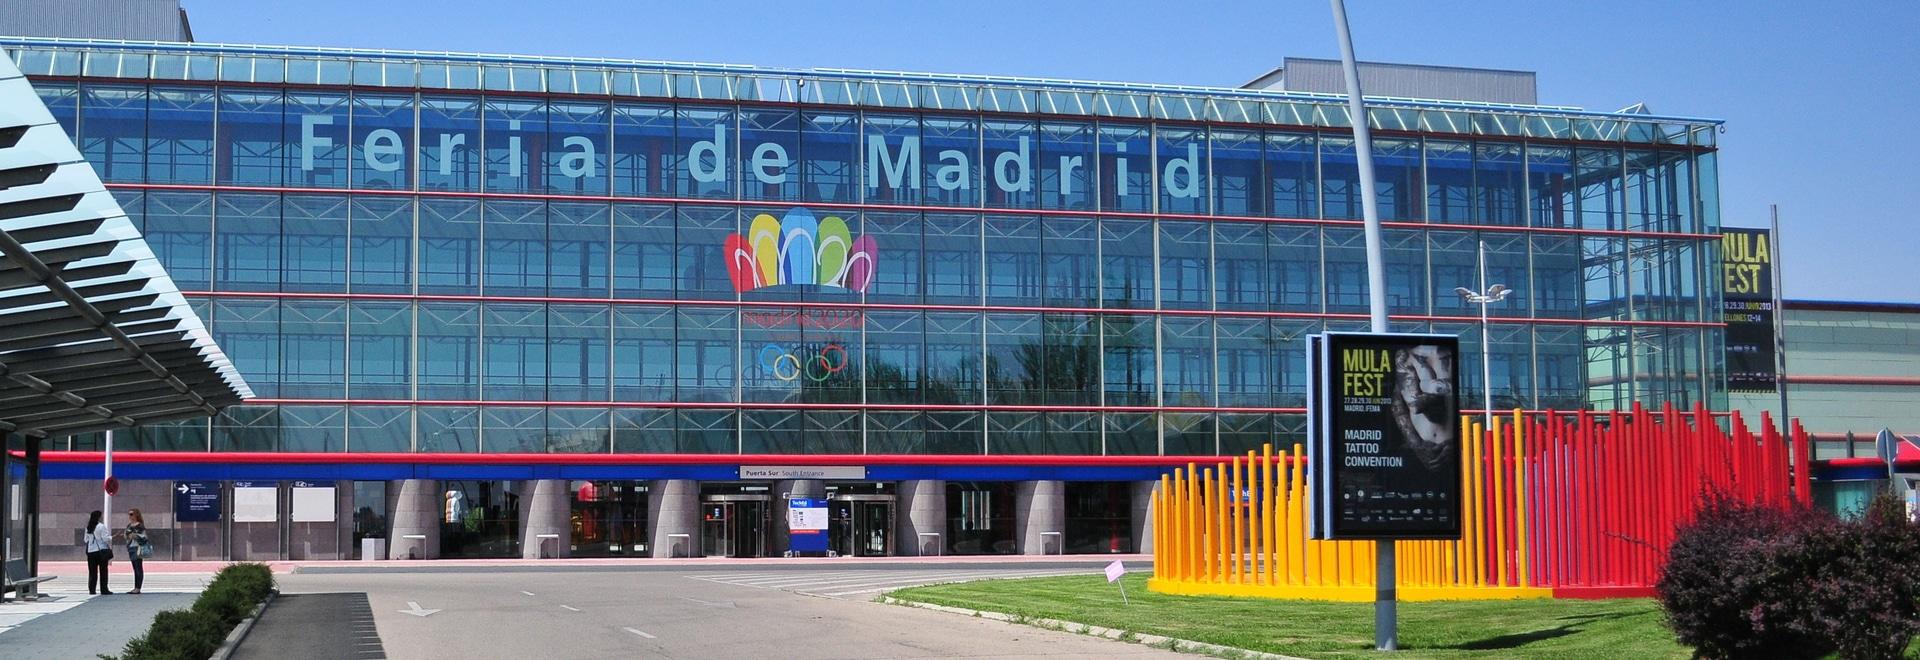 Veteco in Madrid